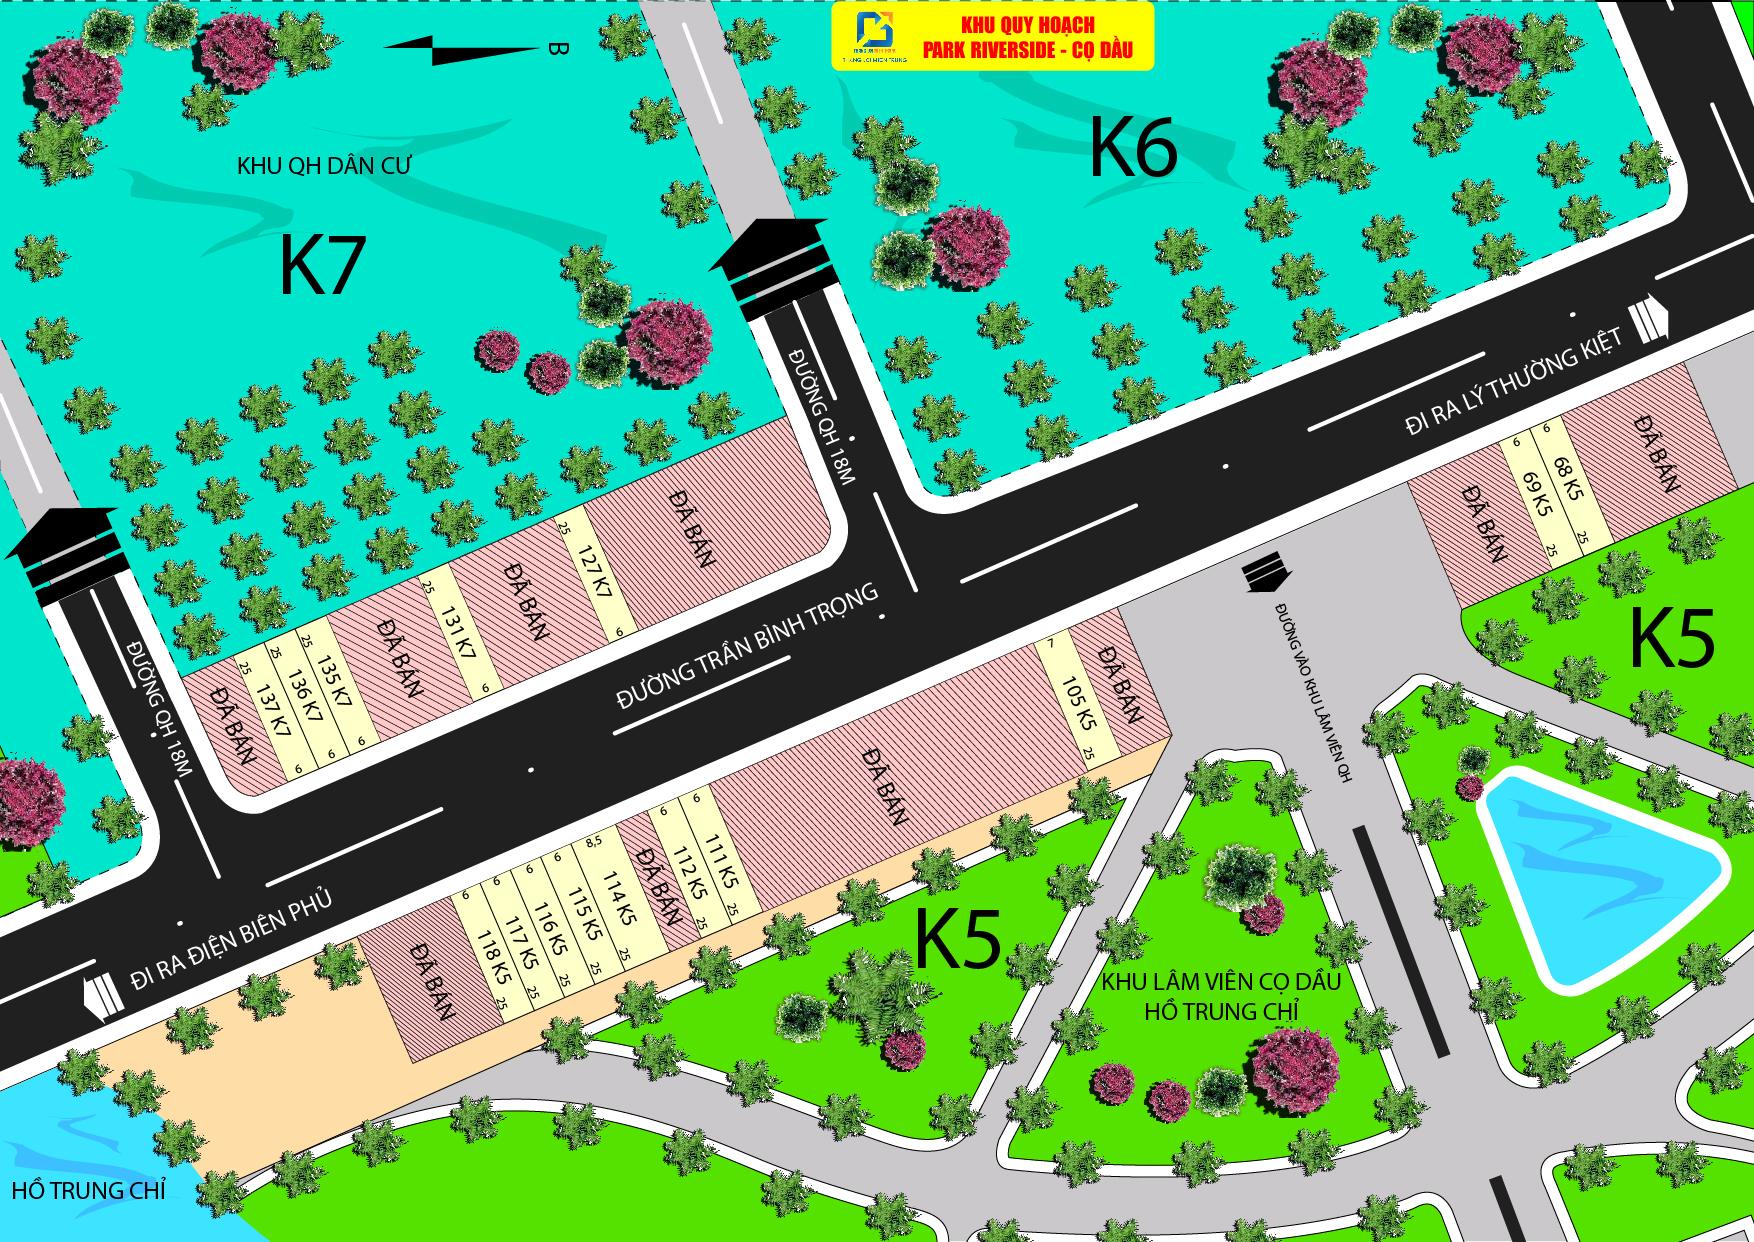 Dự án PARK RIVERSIDE - CỌ DẦU Tại Quảng Trị